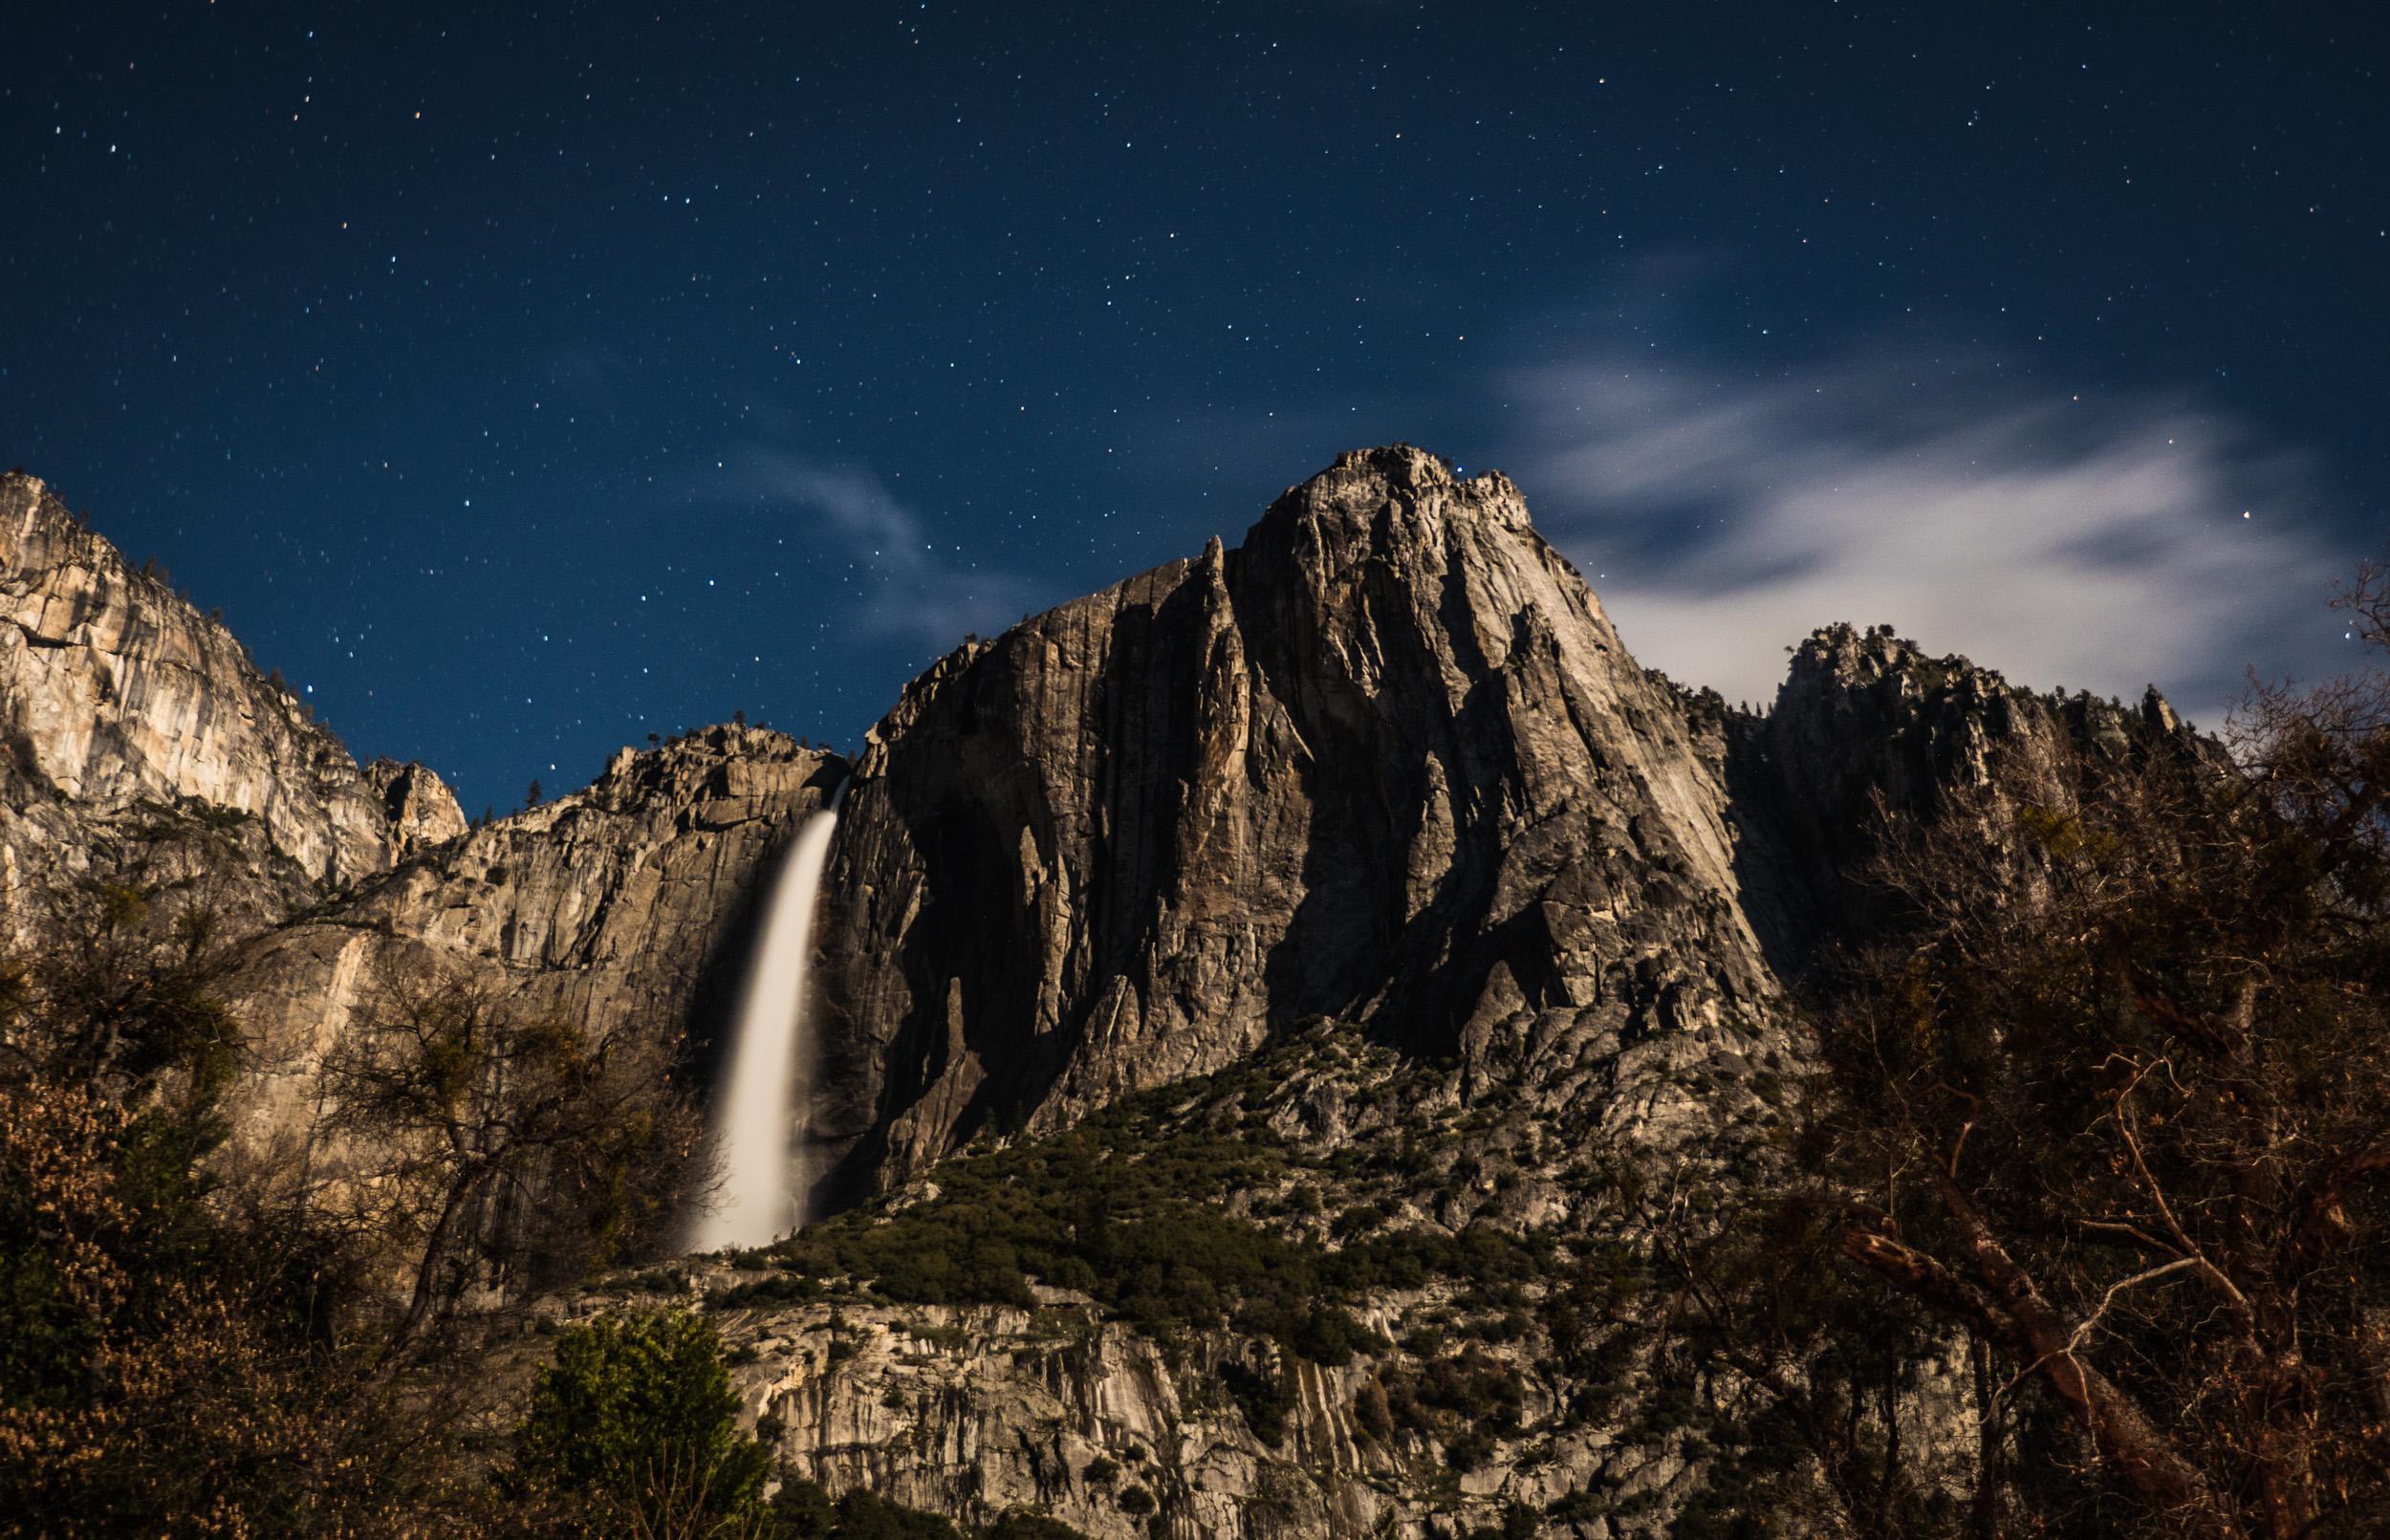 _25 Yosemite Waterfall Moonshie.jpg